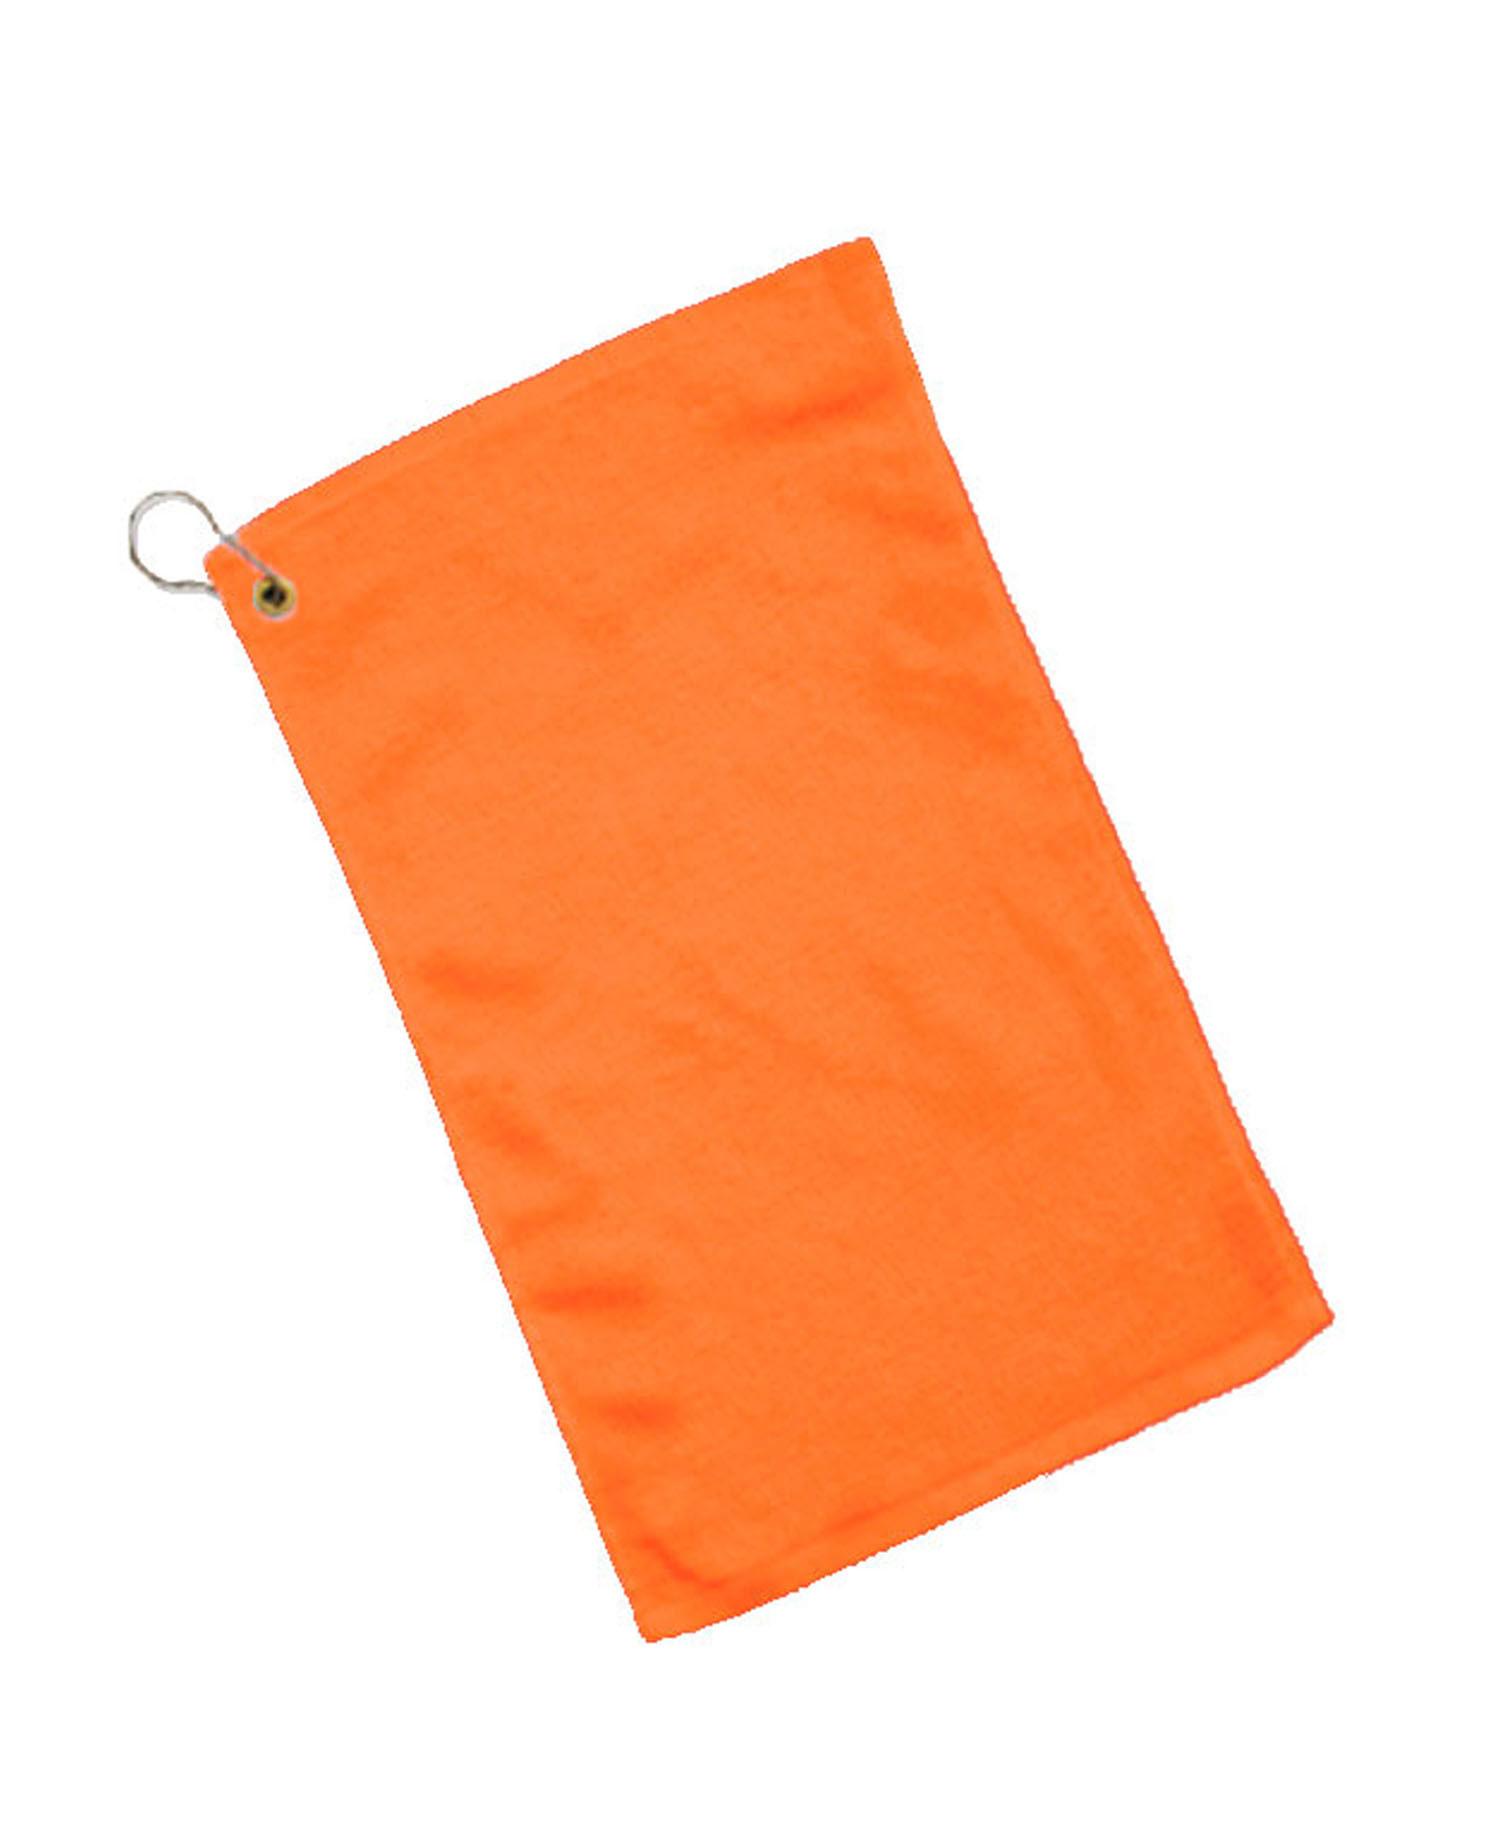 Q-Tees of California - Q0T600CG Fringed Towel Corner Grommet